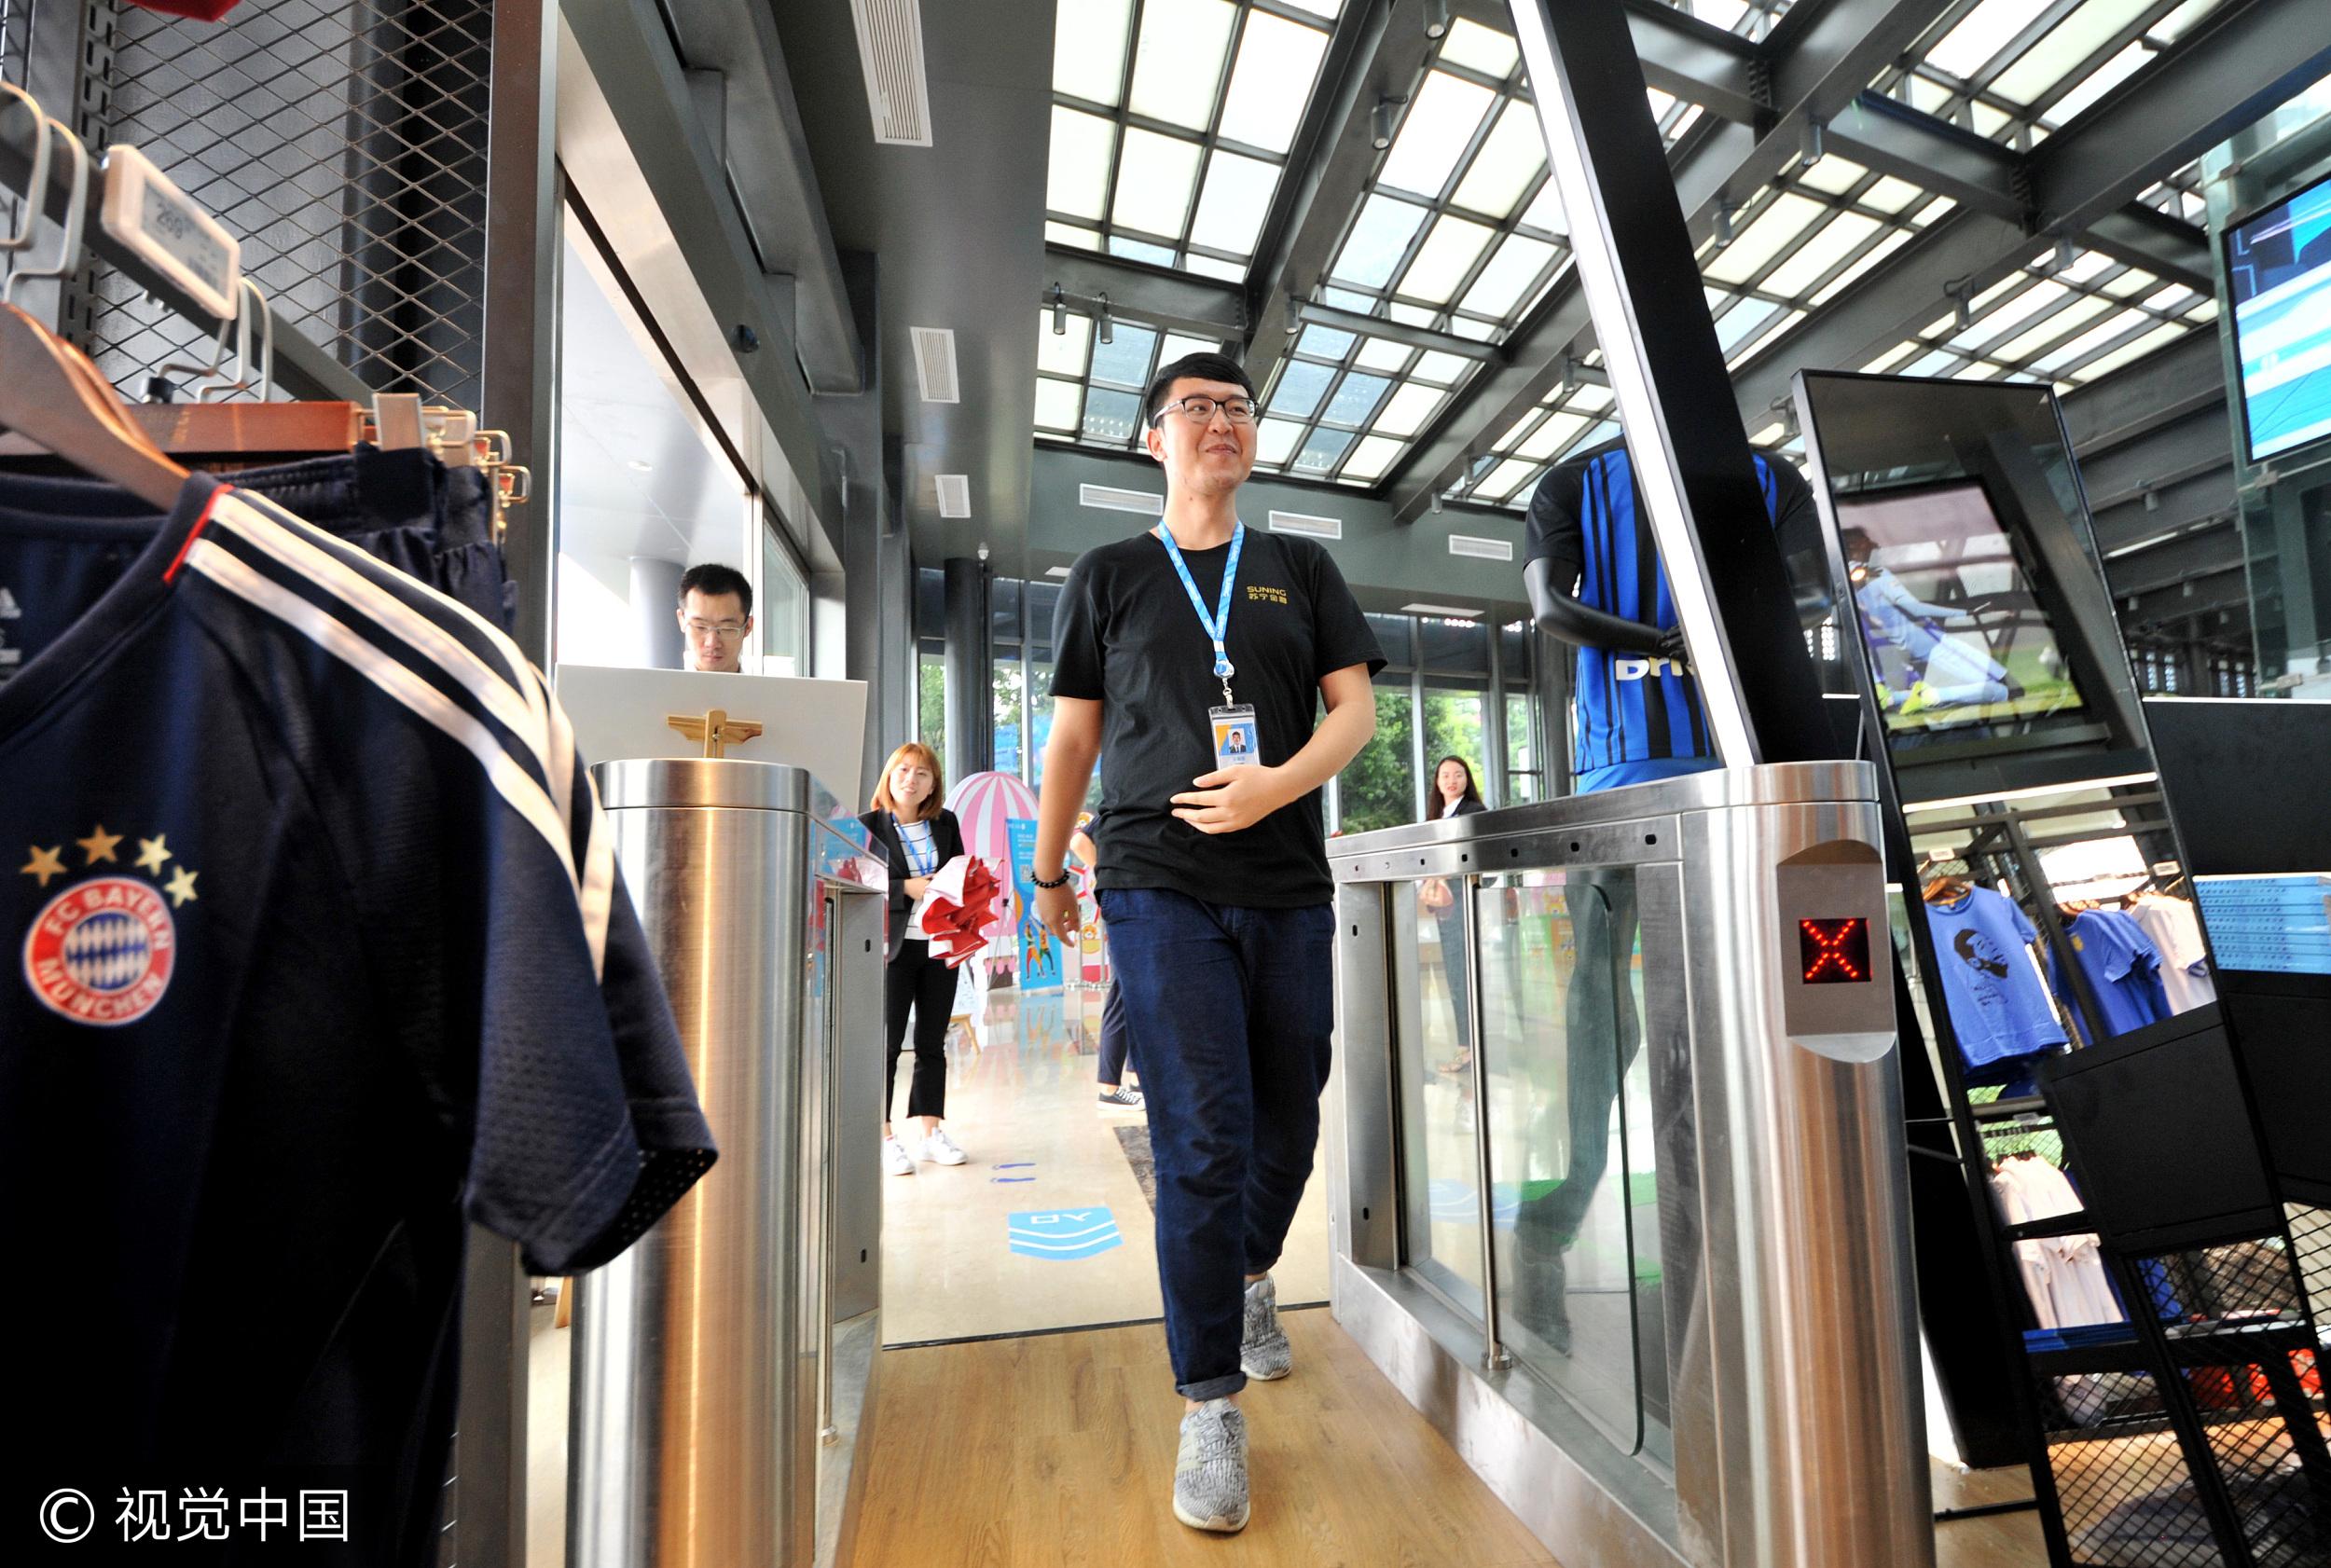 南京首家无人超市开业 消费者刷脸消费